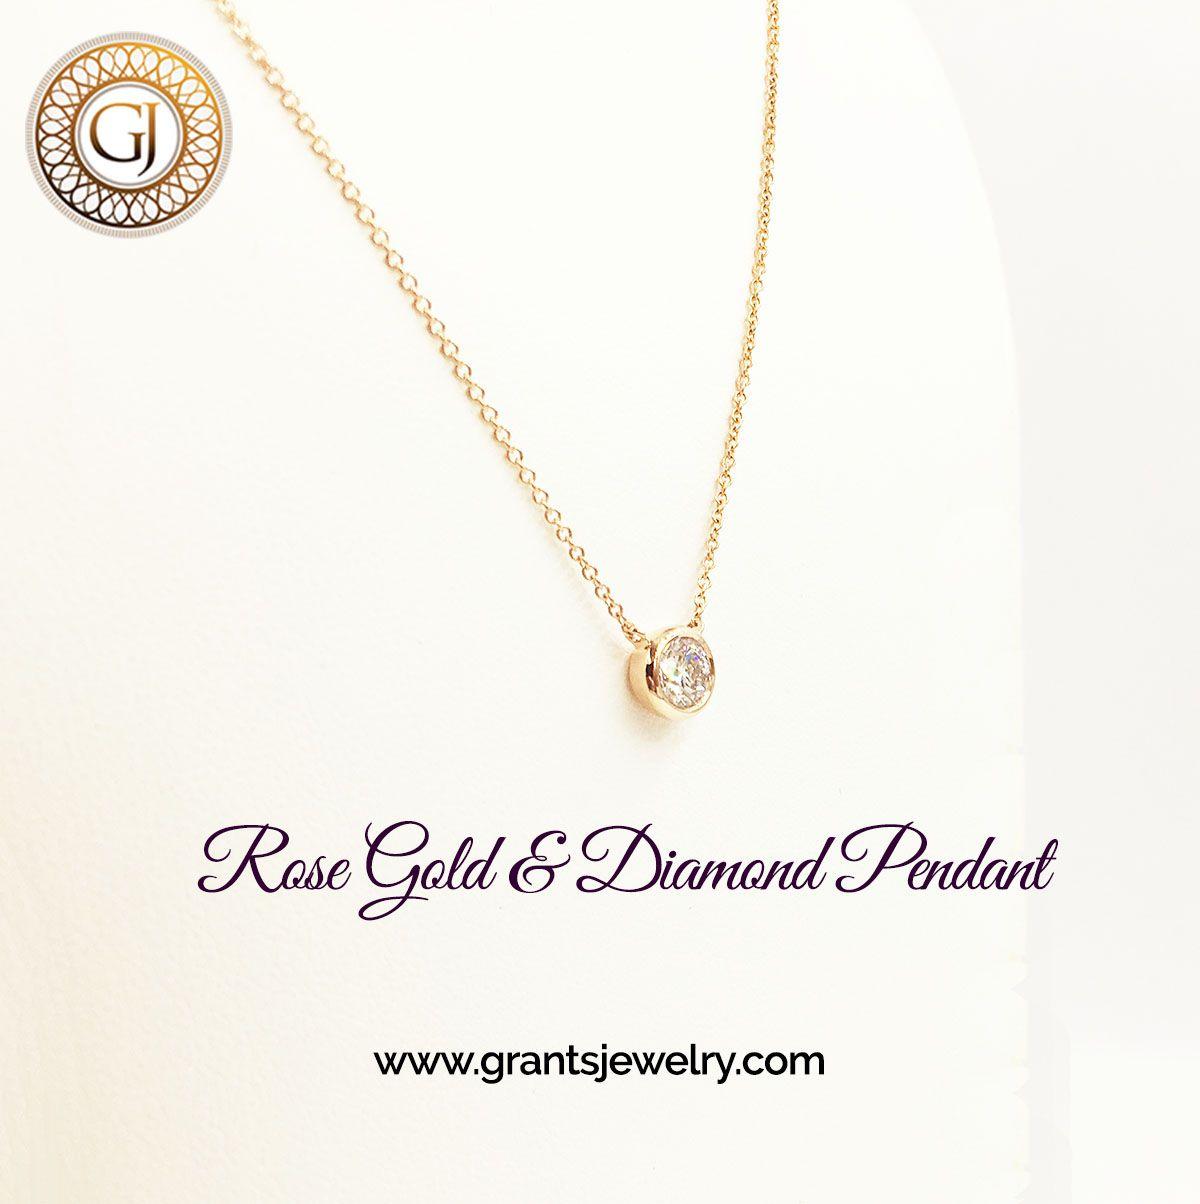 Bezelset gia certified diamond in an k rose gold pendant fine